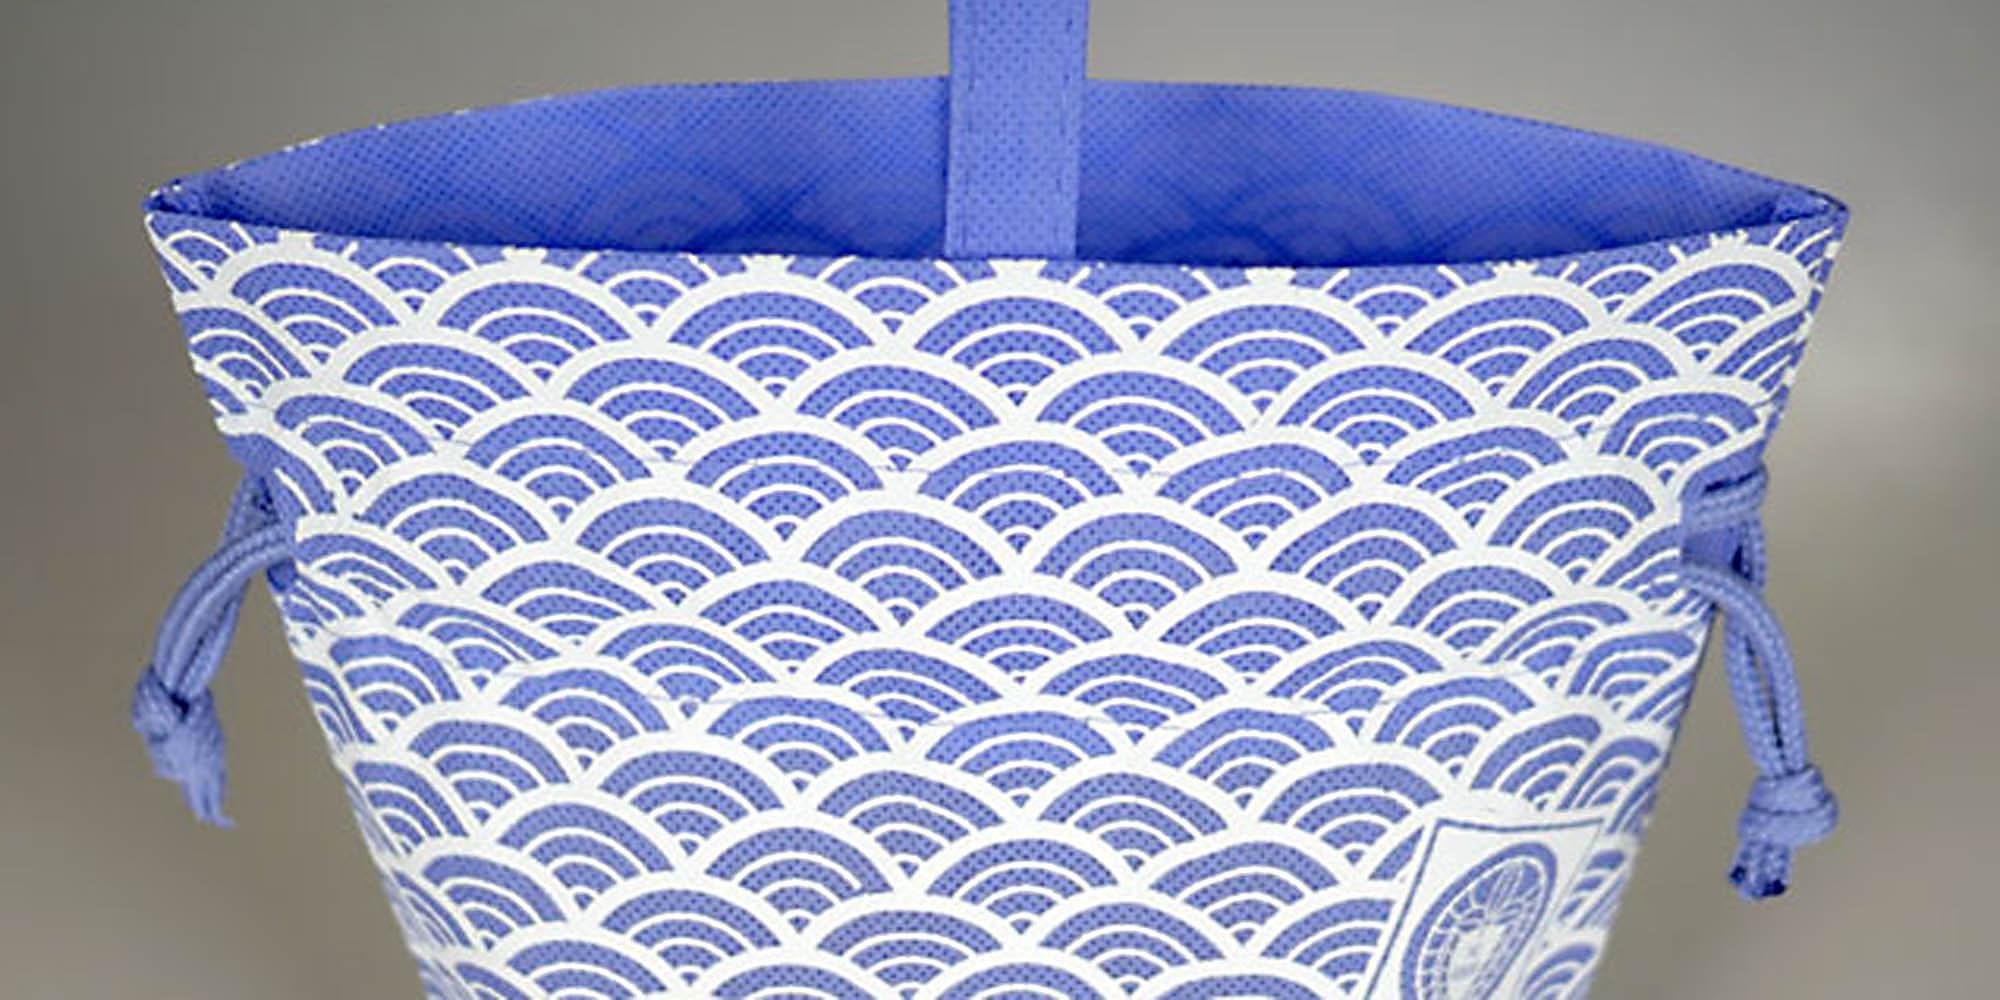 信玄袋のように使える、オリジナル製作の不織布巾着・手提げ袋